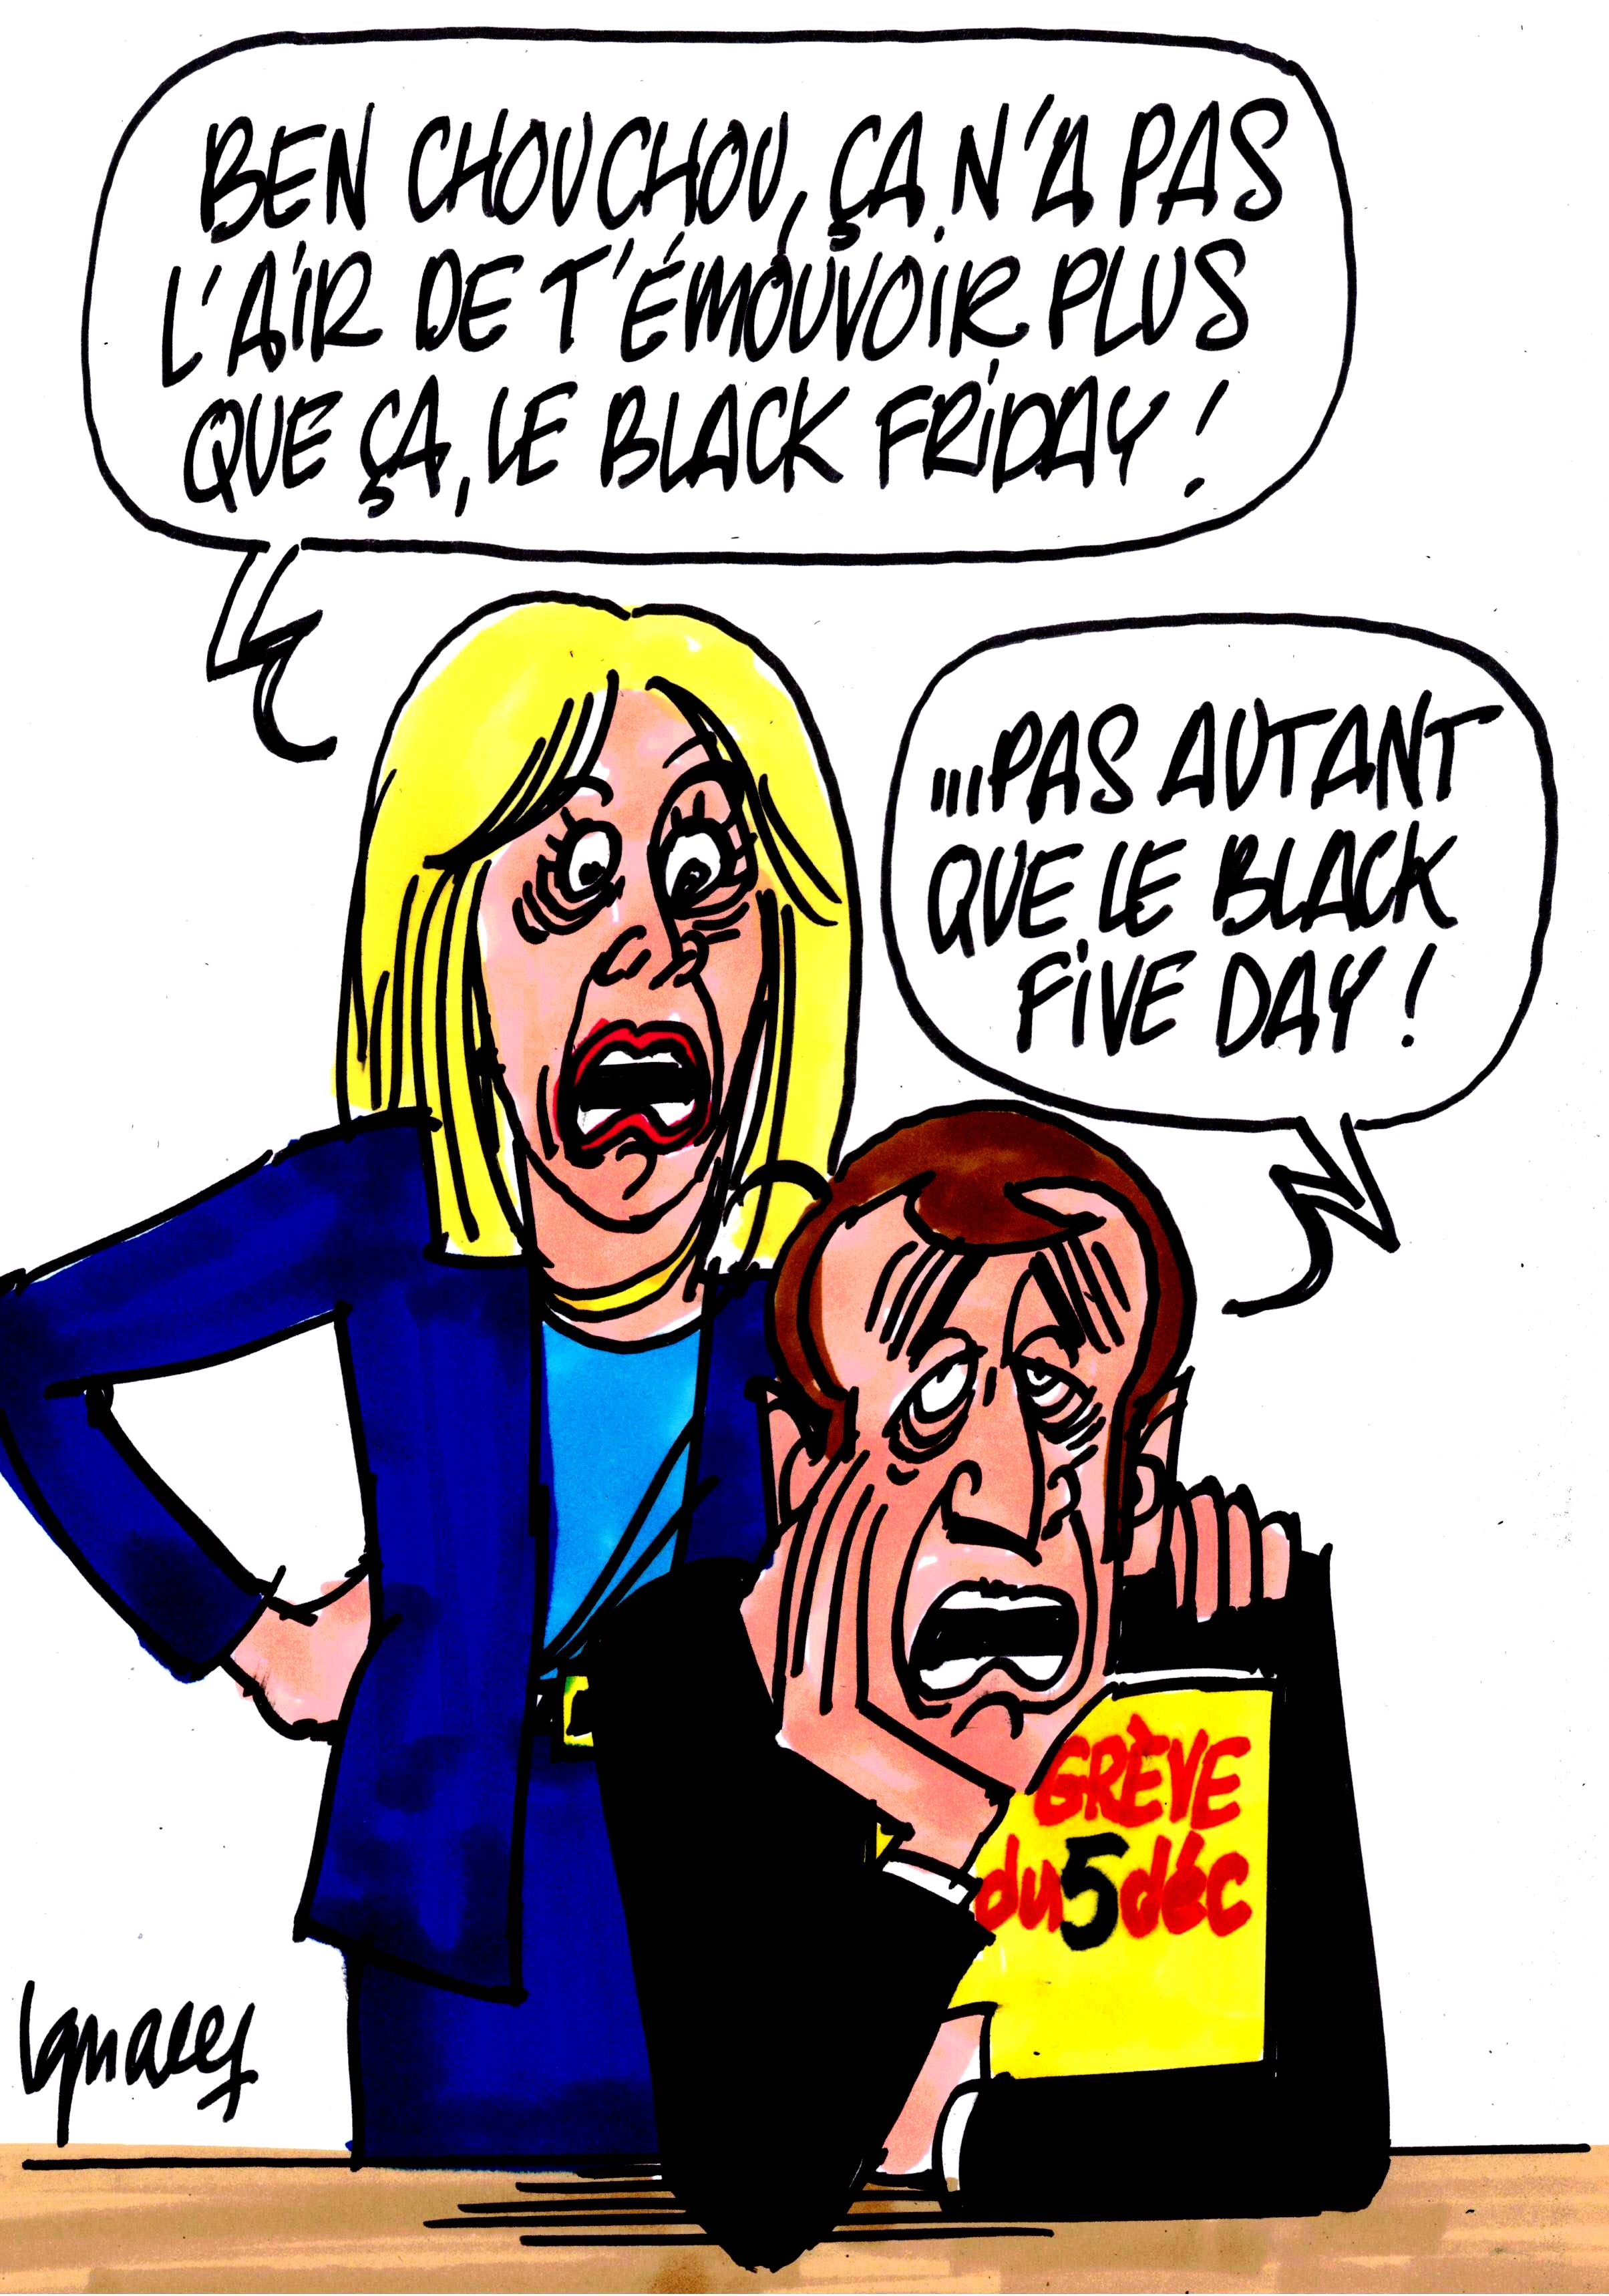 Ignace - Black Friday